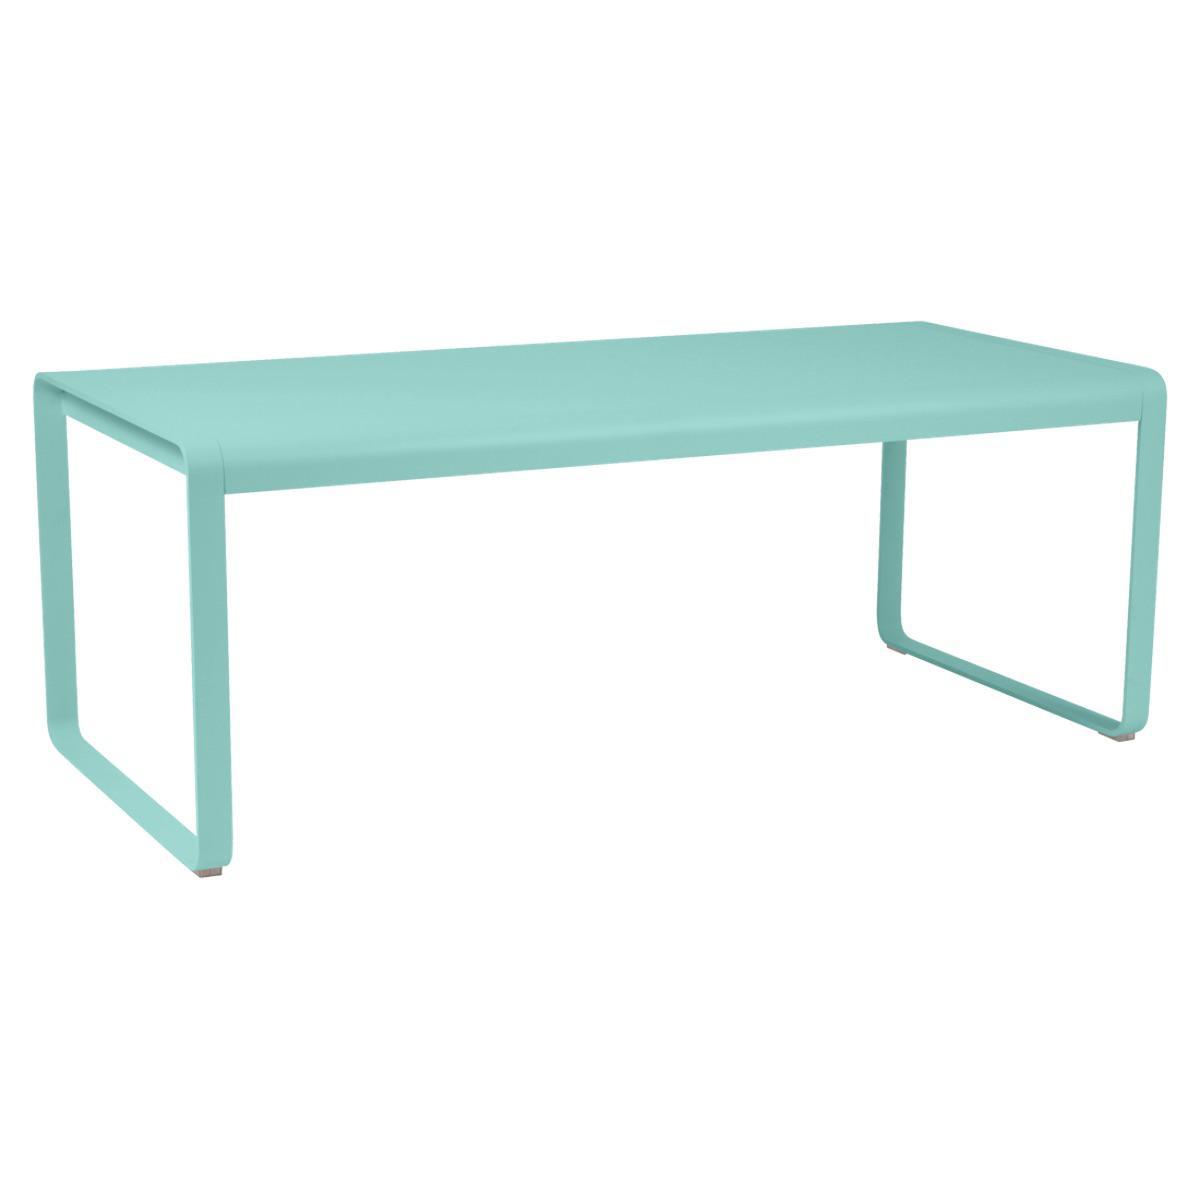 Table 90x196cm BELLEVIE PREMIUM Fermob bleu lagune